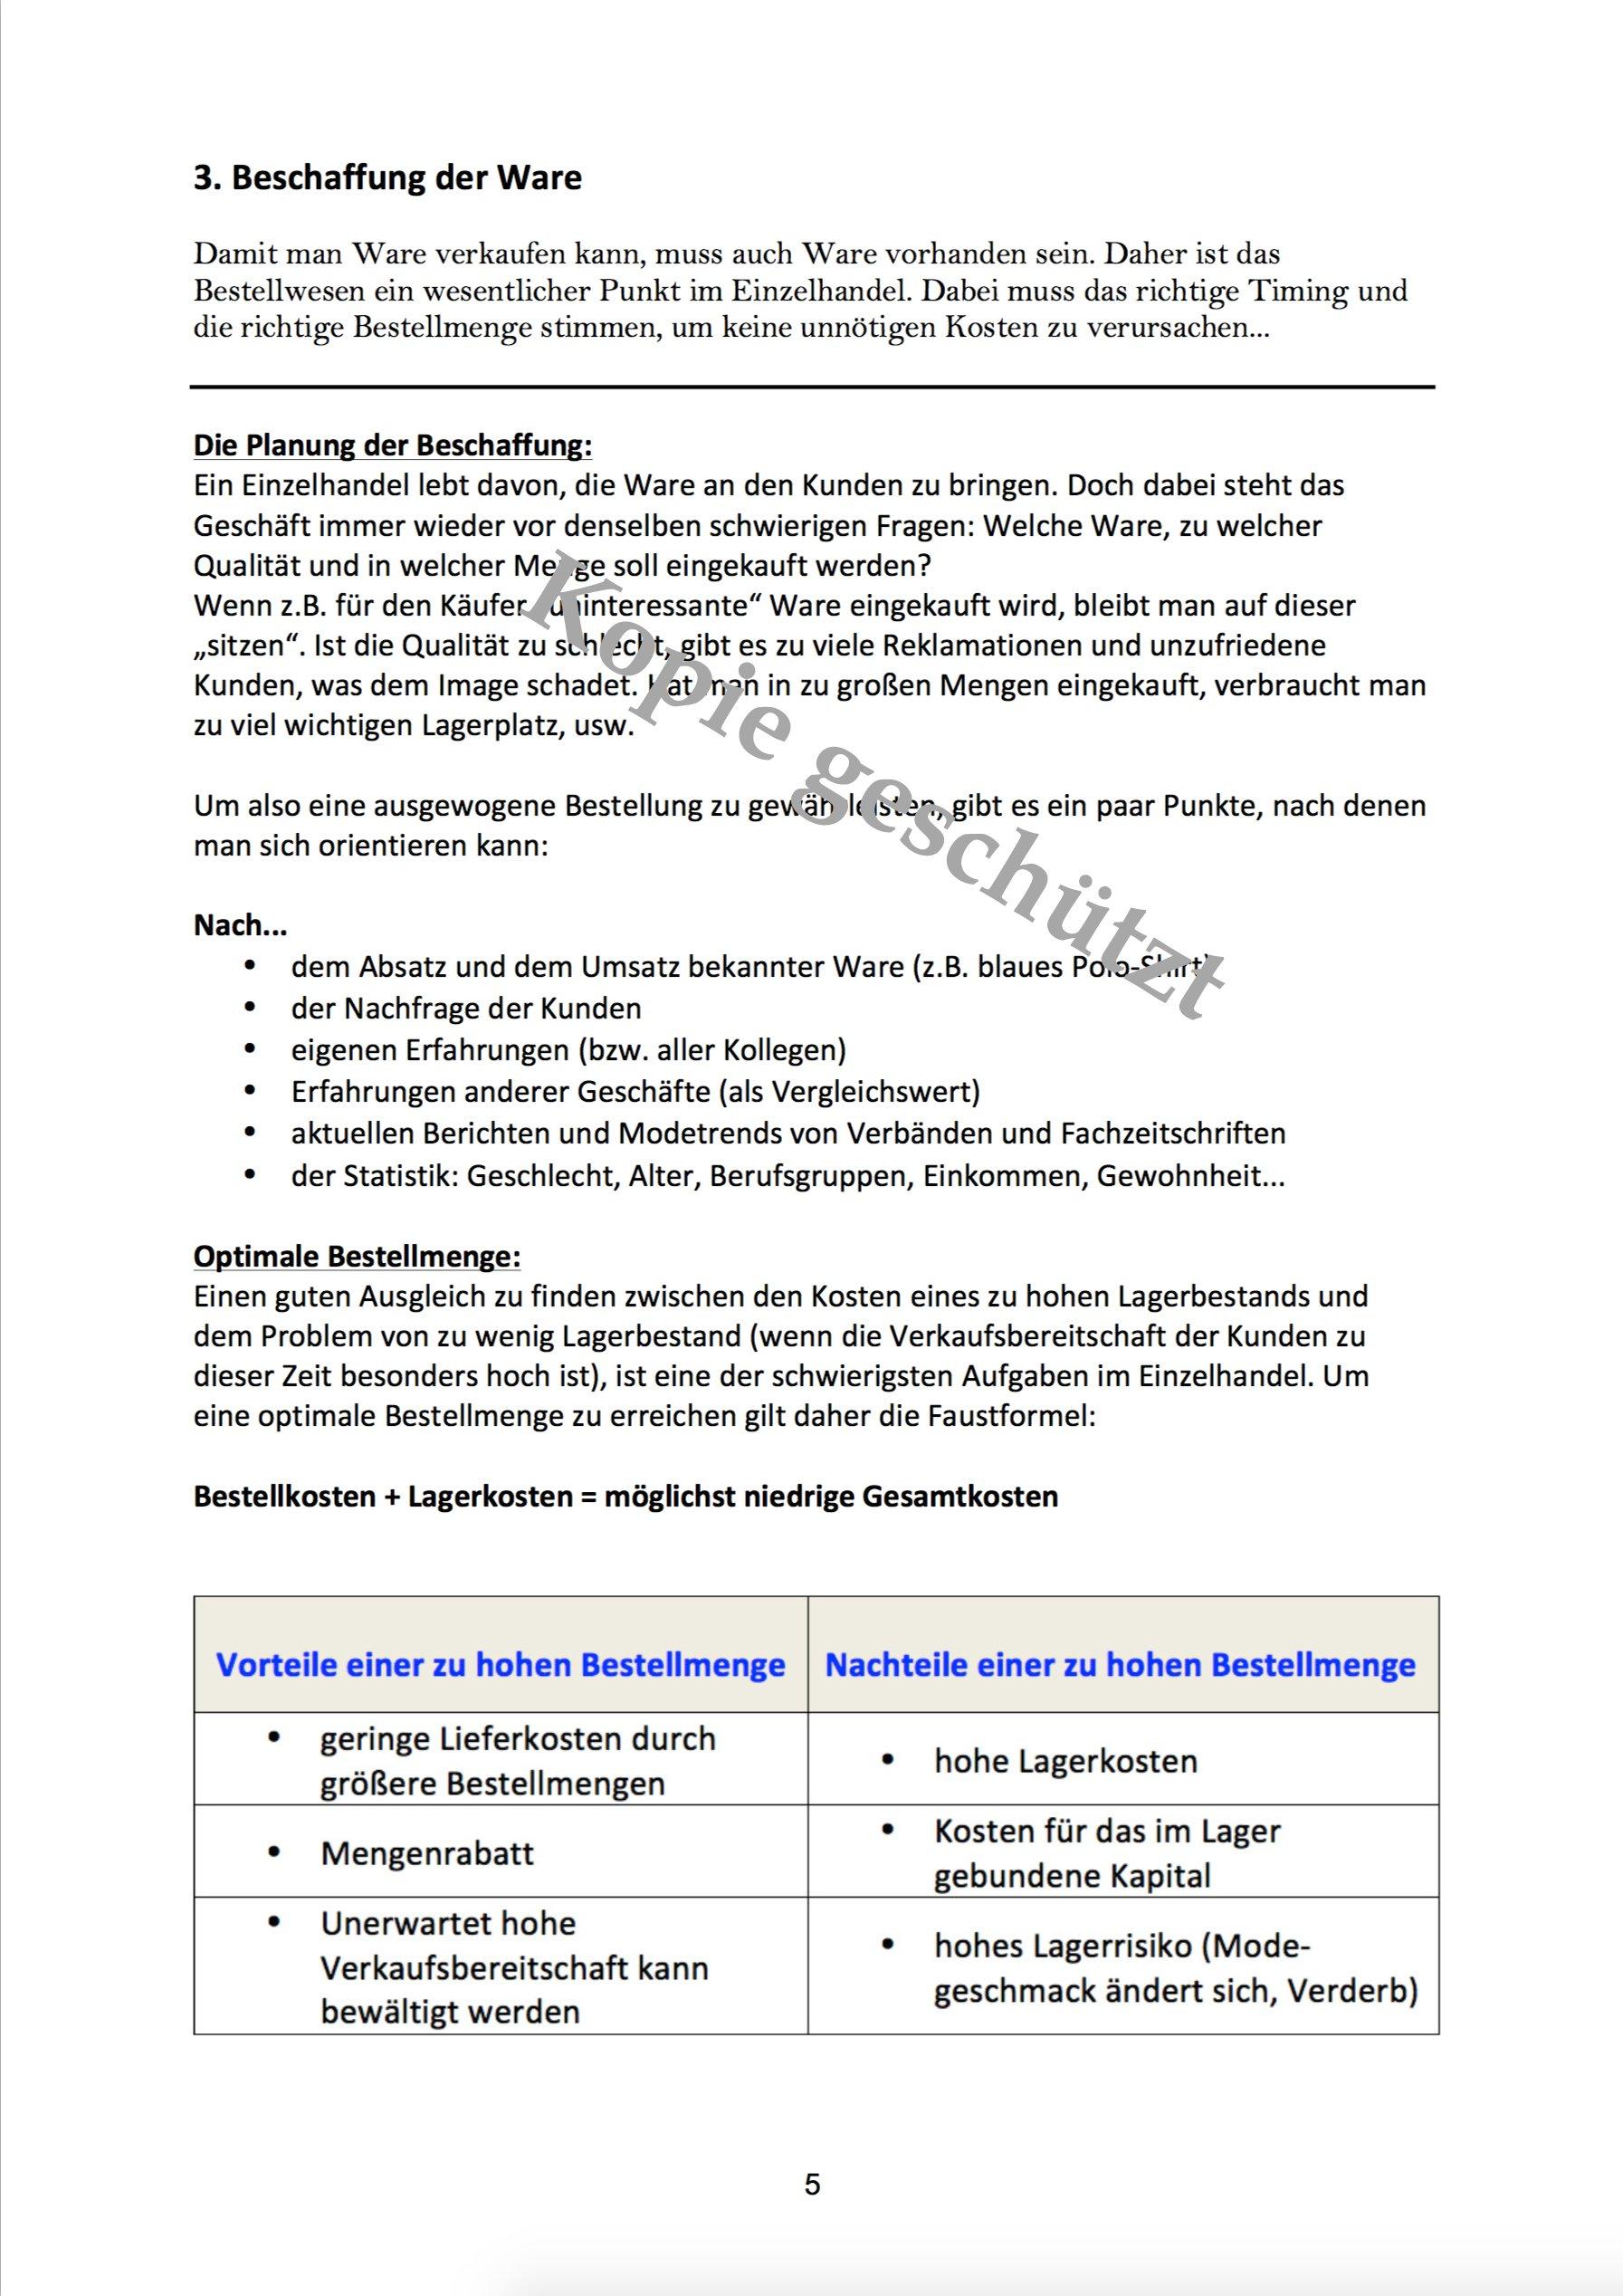 Berichtsheft Vorlage Einzelhandel | marlpoint